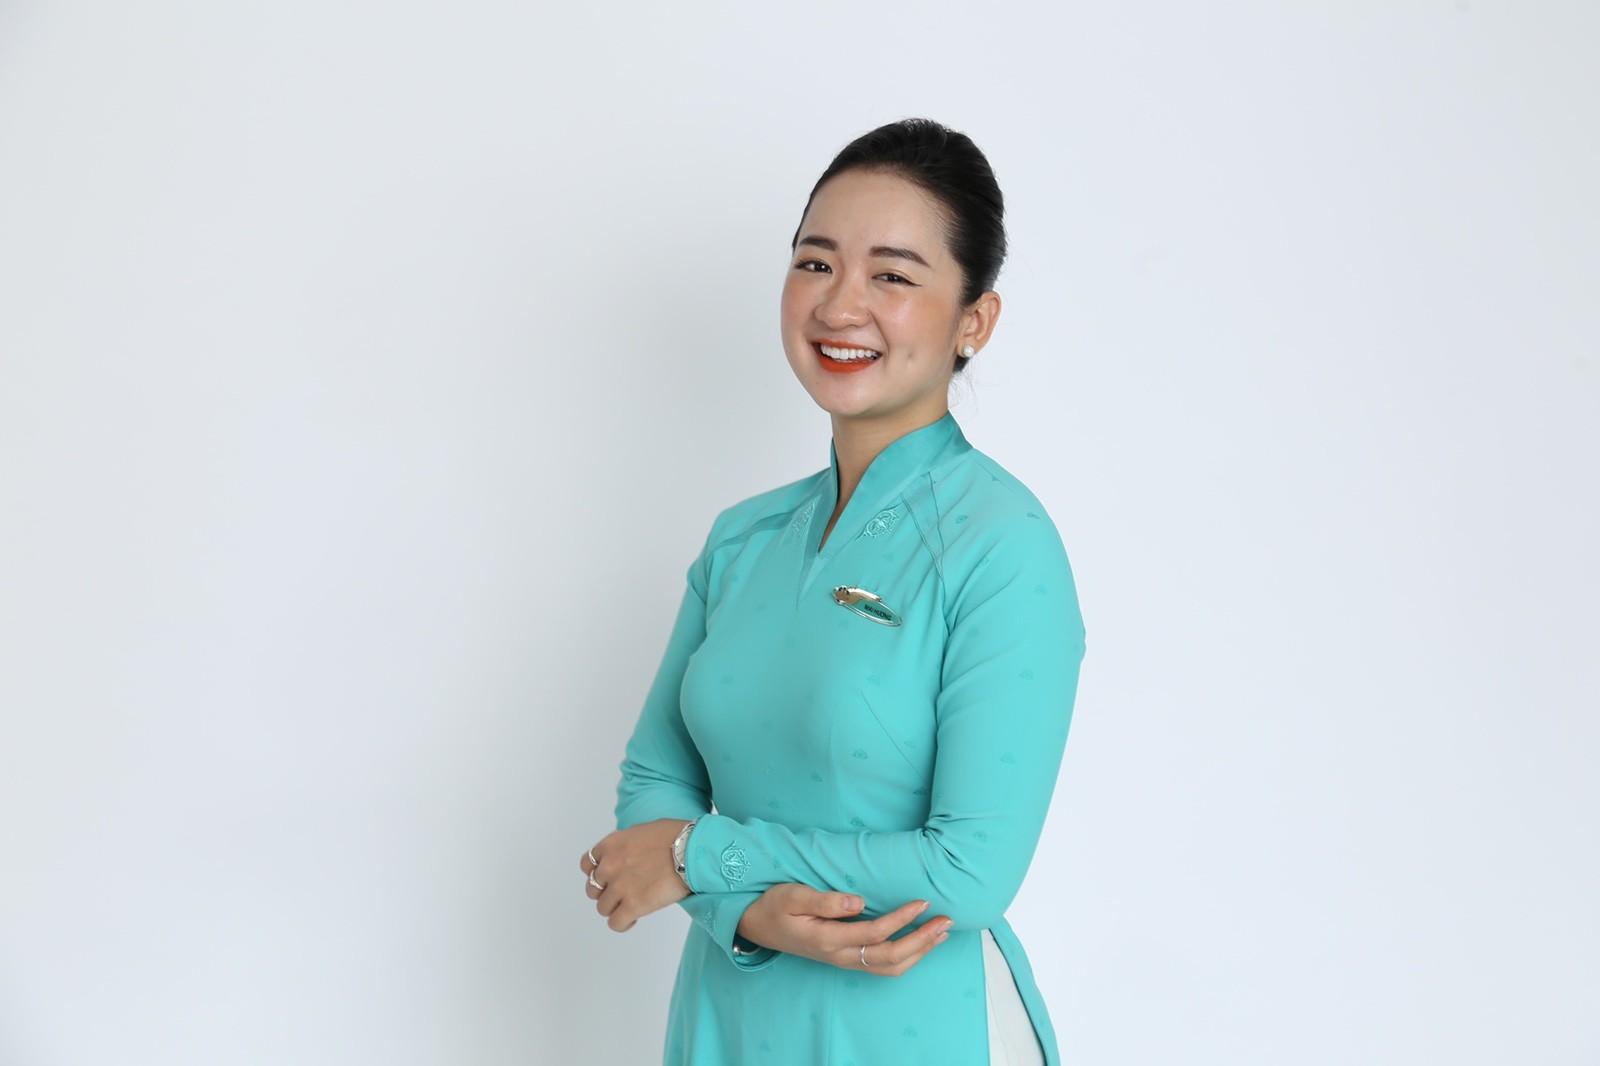 Cô TVHK nỗ lực giảm cân để làm công việc mơ ước